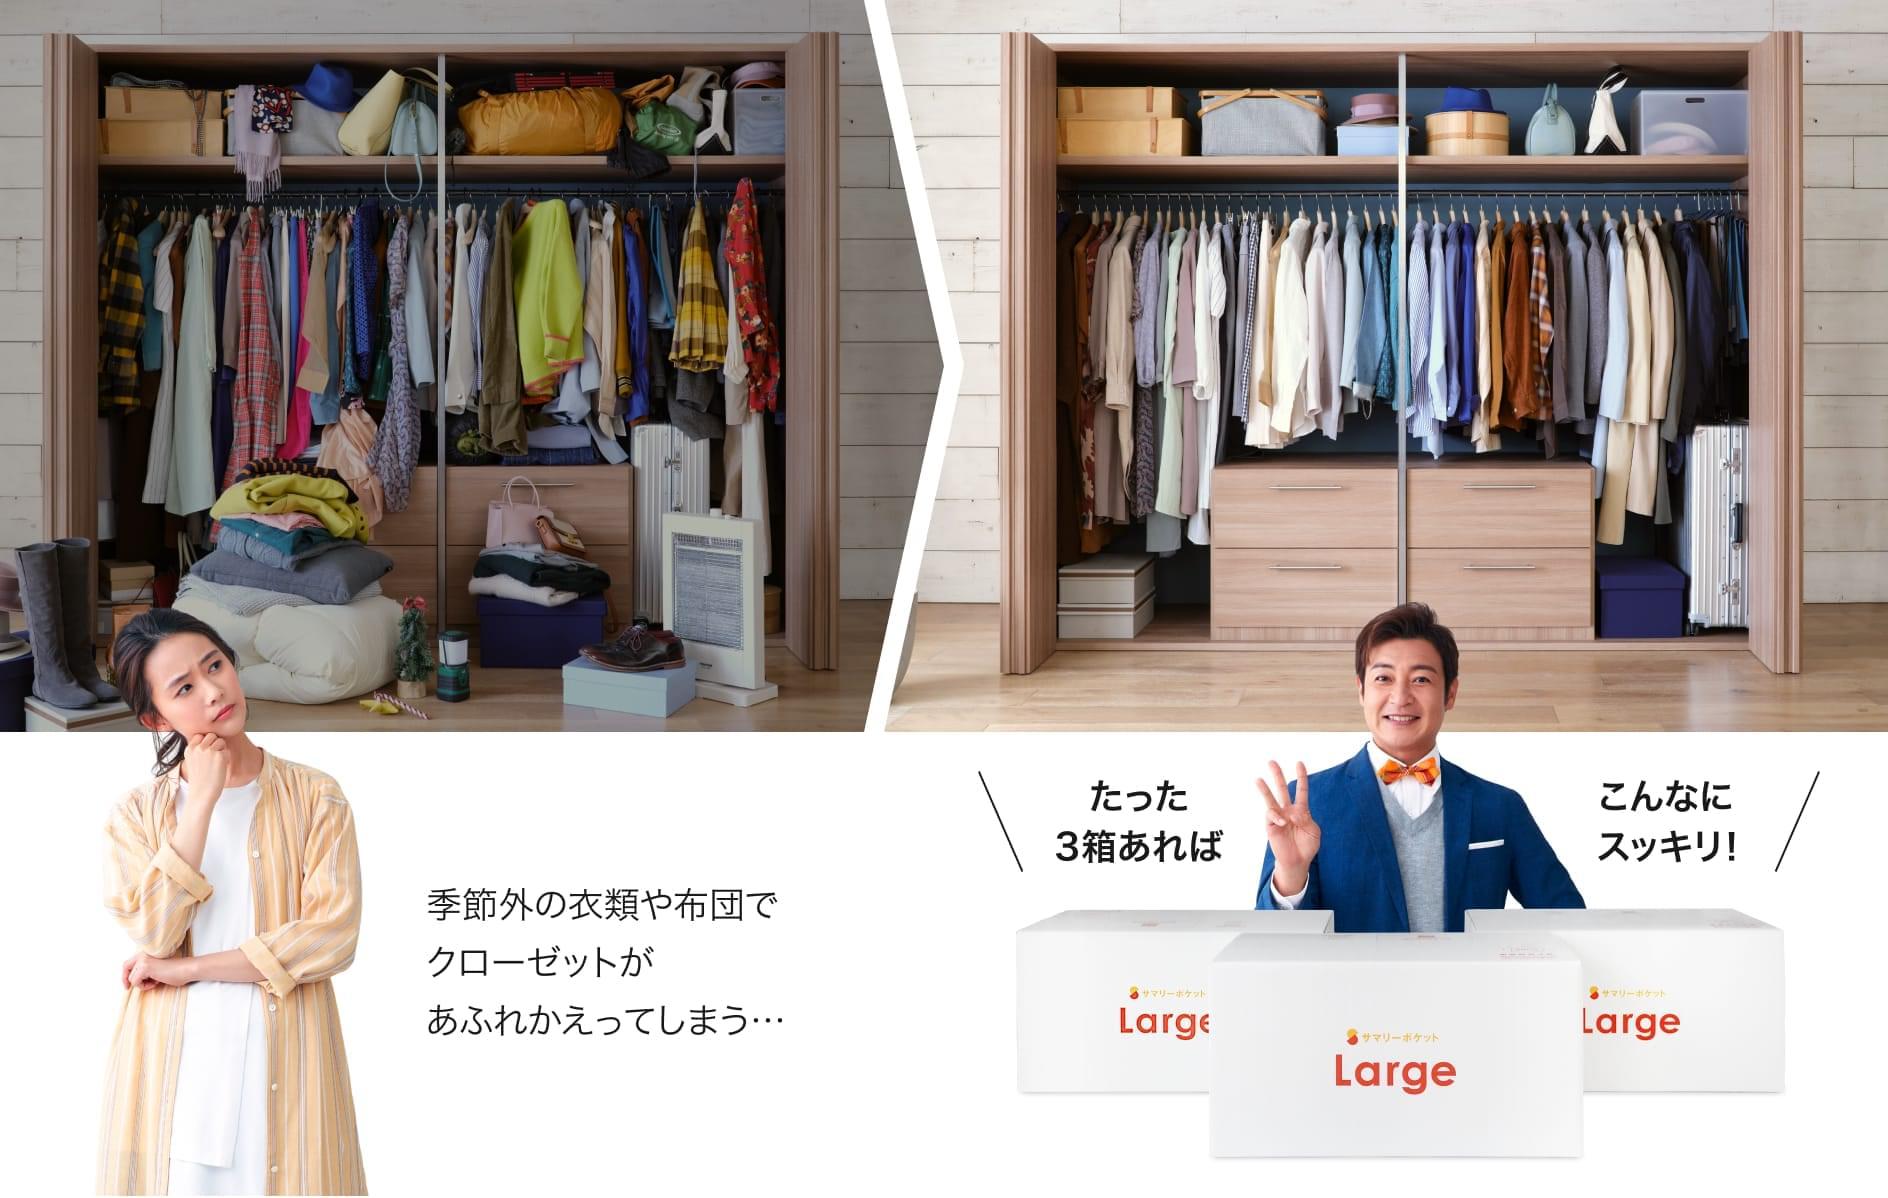 季節外の衣類や布団でクローゼットがあふれかえってしまう…お部屋の収納問題を解決!